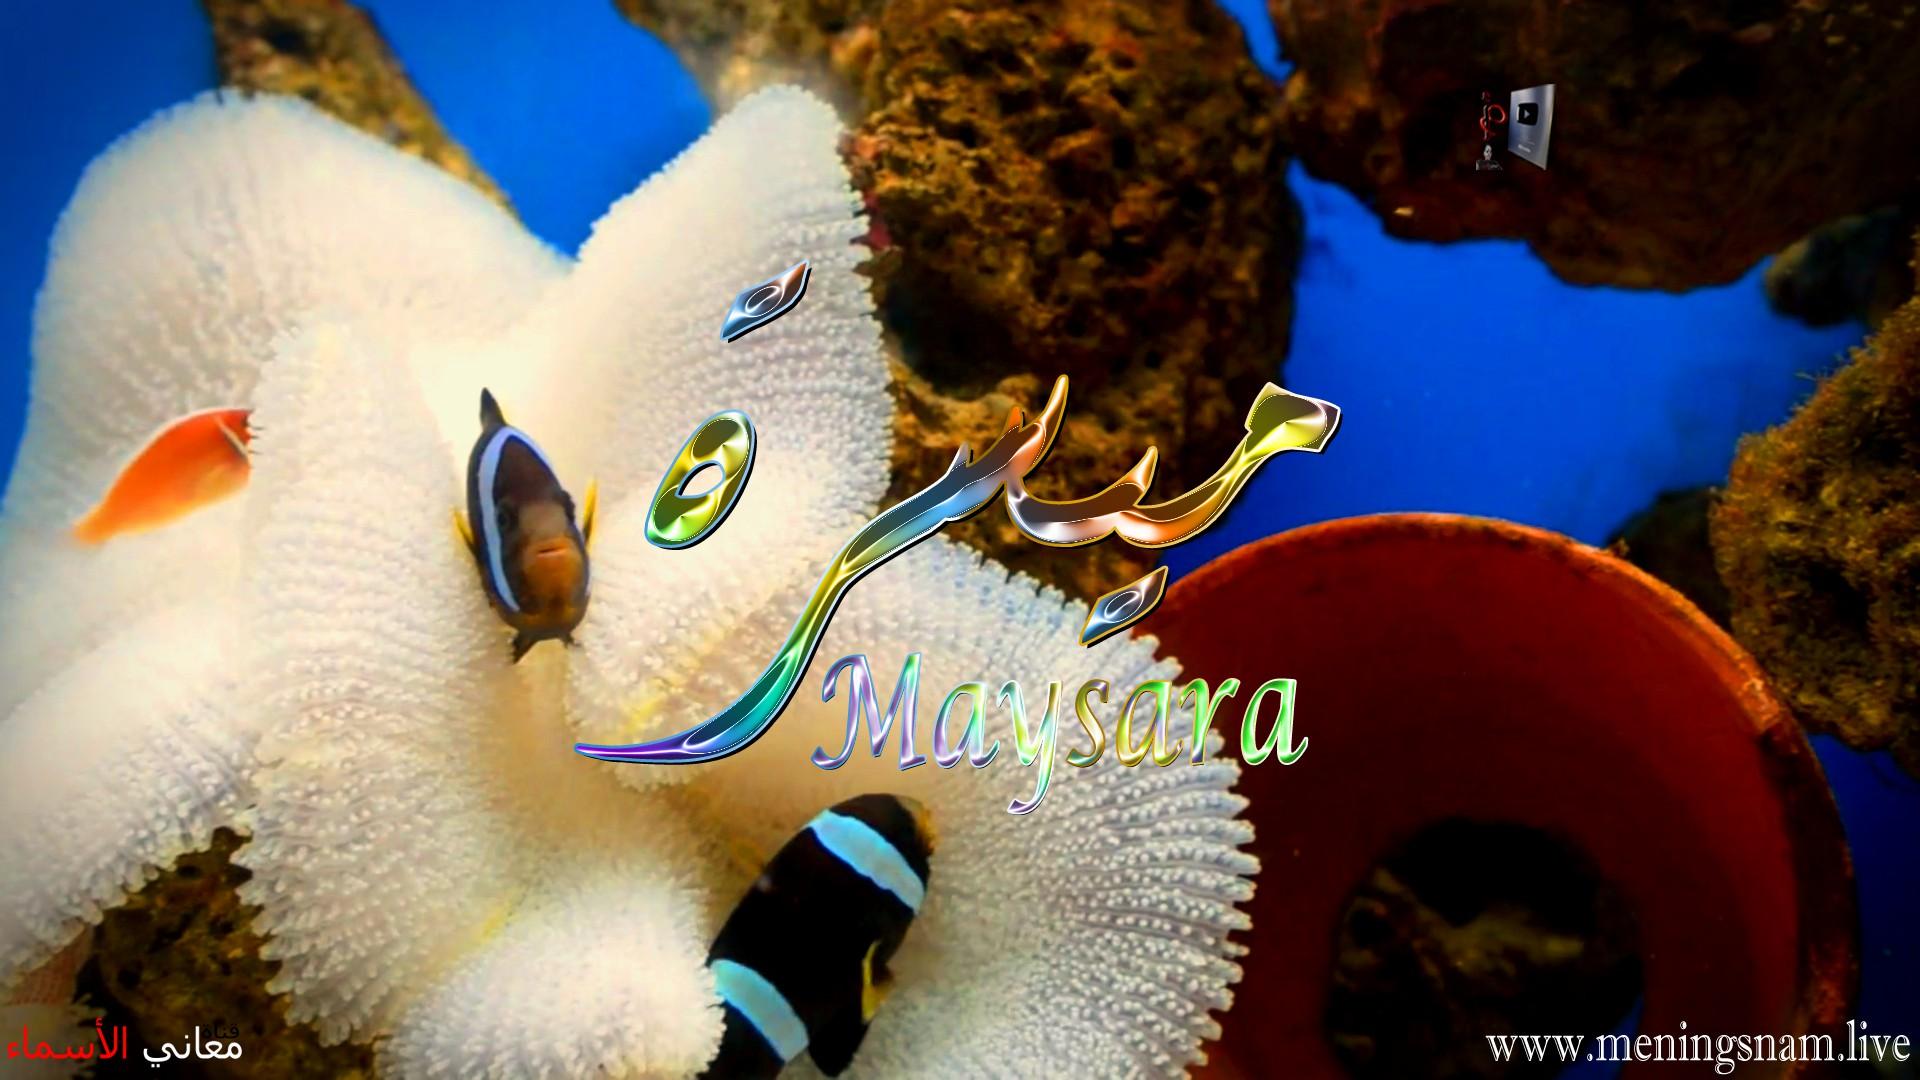 معنى اسم ميسرة وصفات حاملة و حامل هذا الاسم Maysara